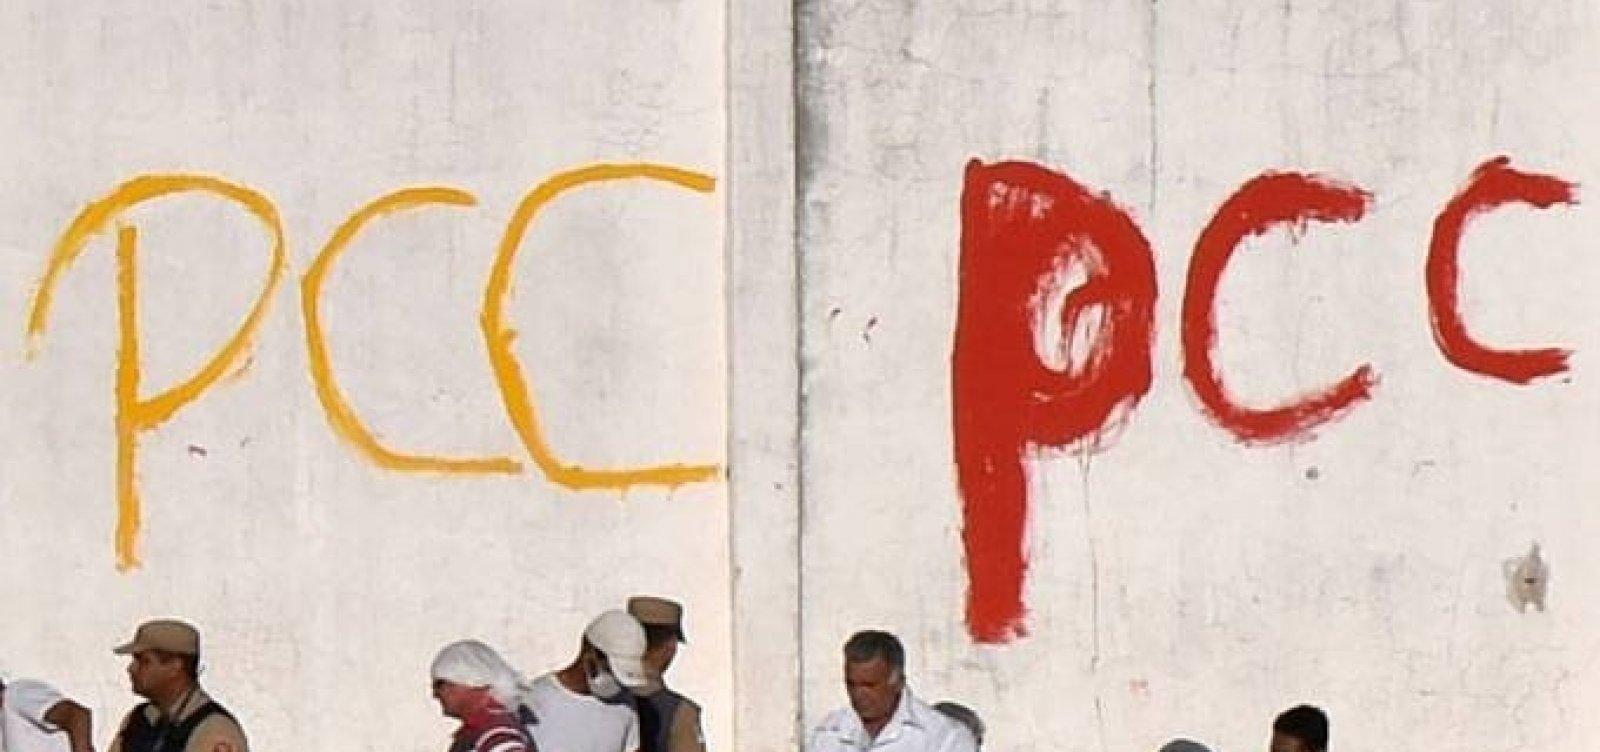 Líder do PCC diz que diálogo era mais fácil em governos do PT e critica Moro e Bolsonaro